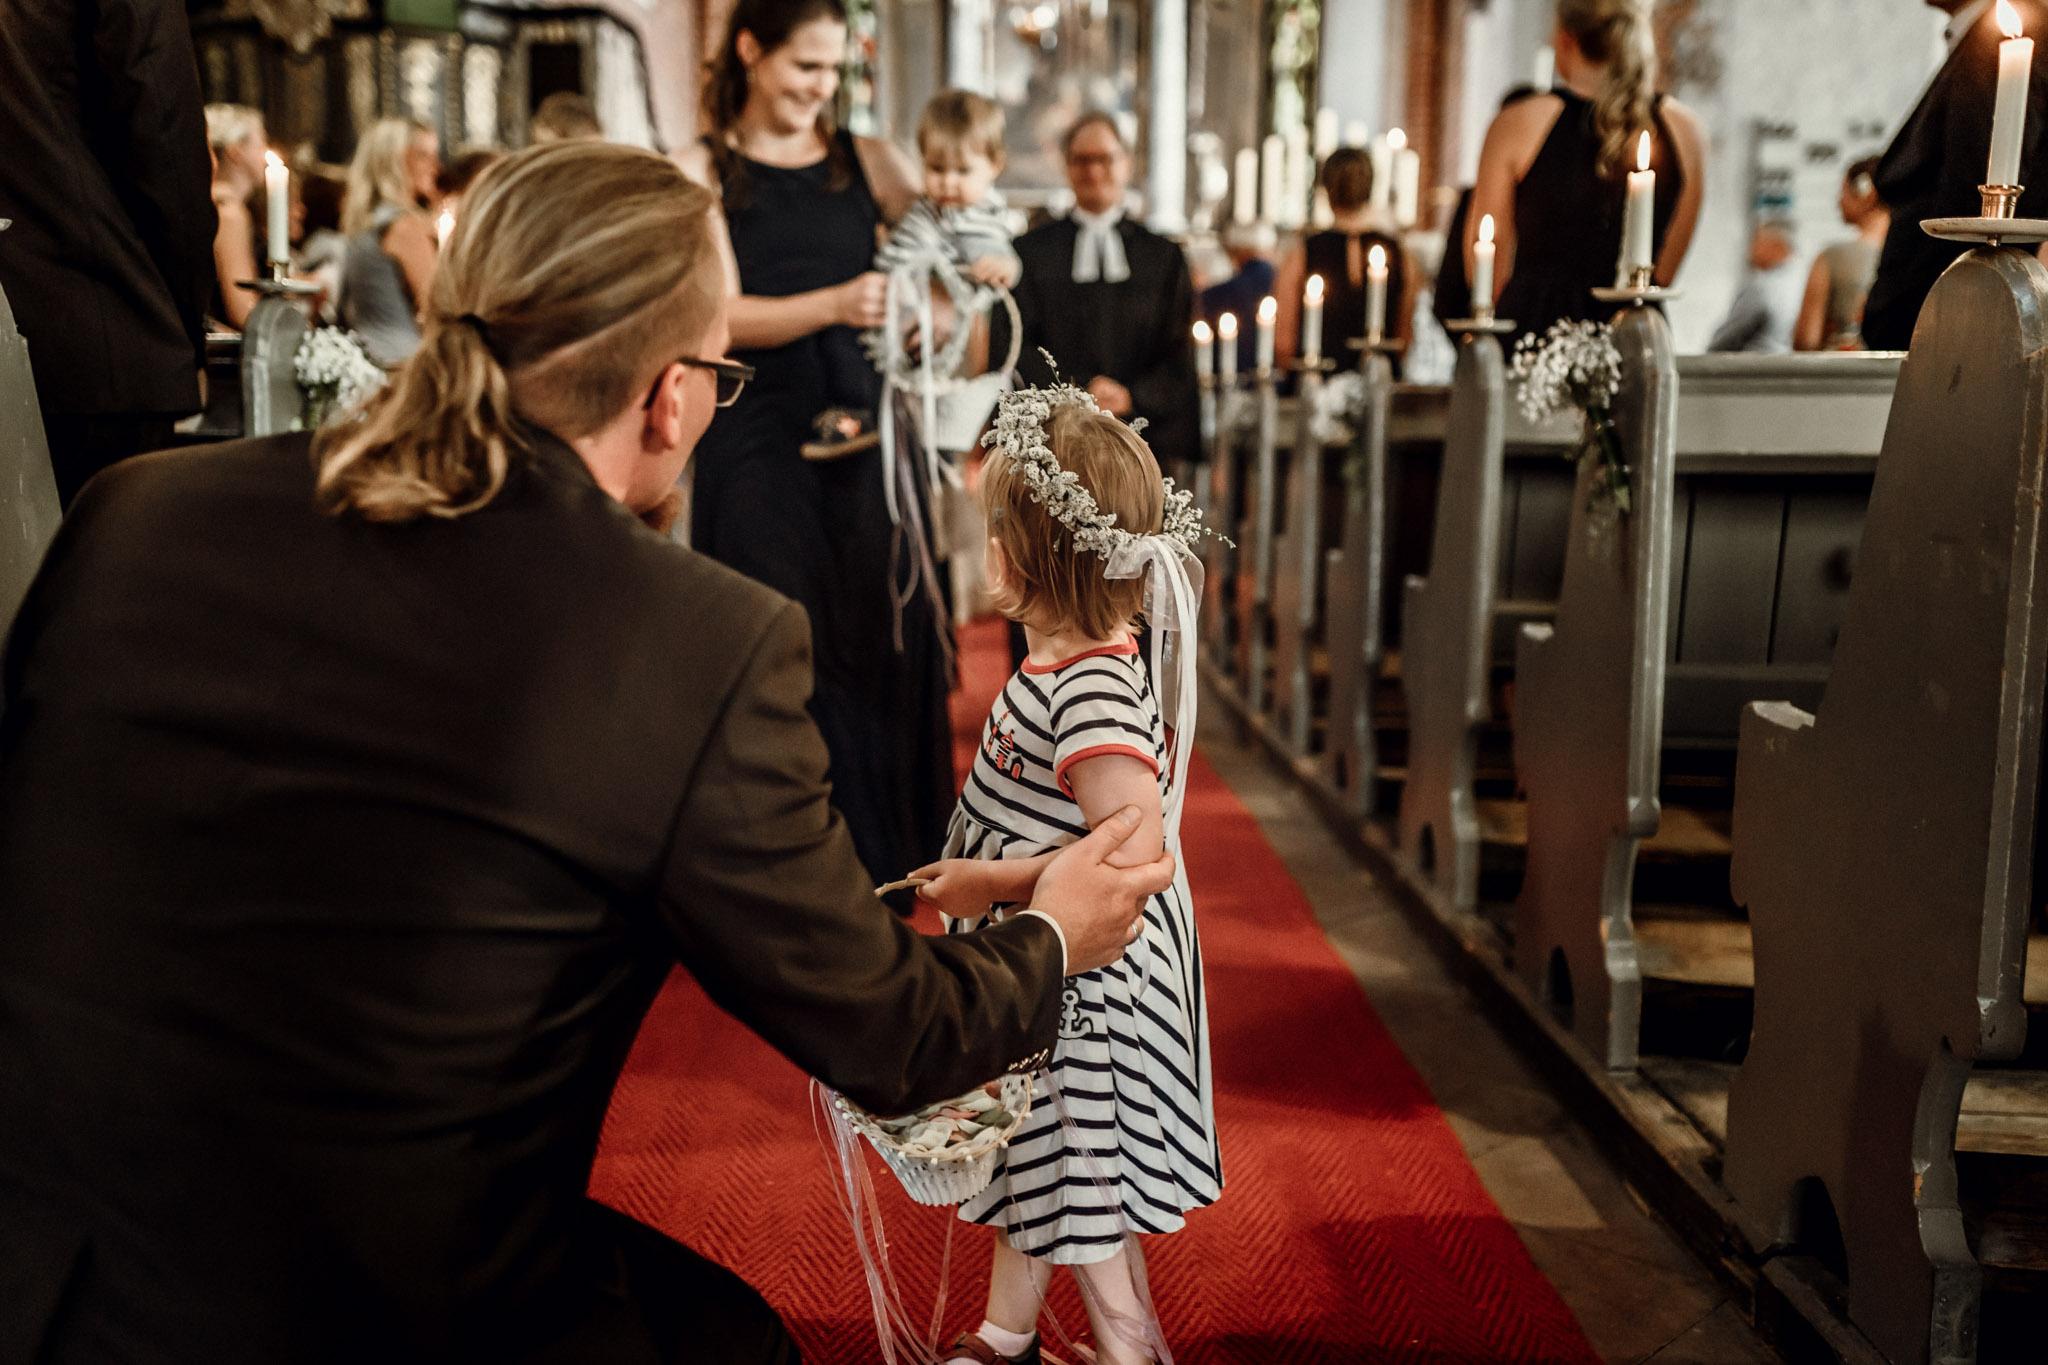 Sven Schomburg Hochzeitsfotografie, Hamburg, Mölln, Hochzeitsfieber by Photo-Schomburg, Hochzeitsreportage, Forsthaus Waldhusen, Braut, Bräutigam-45